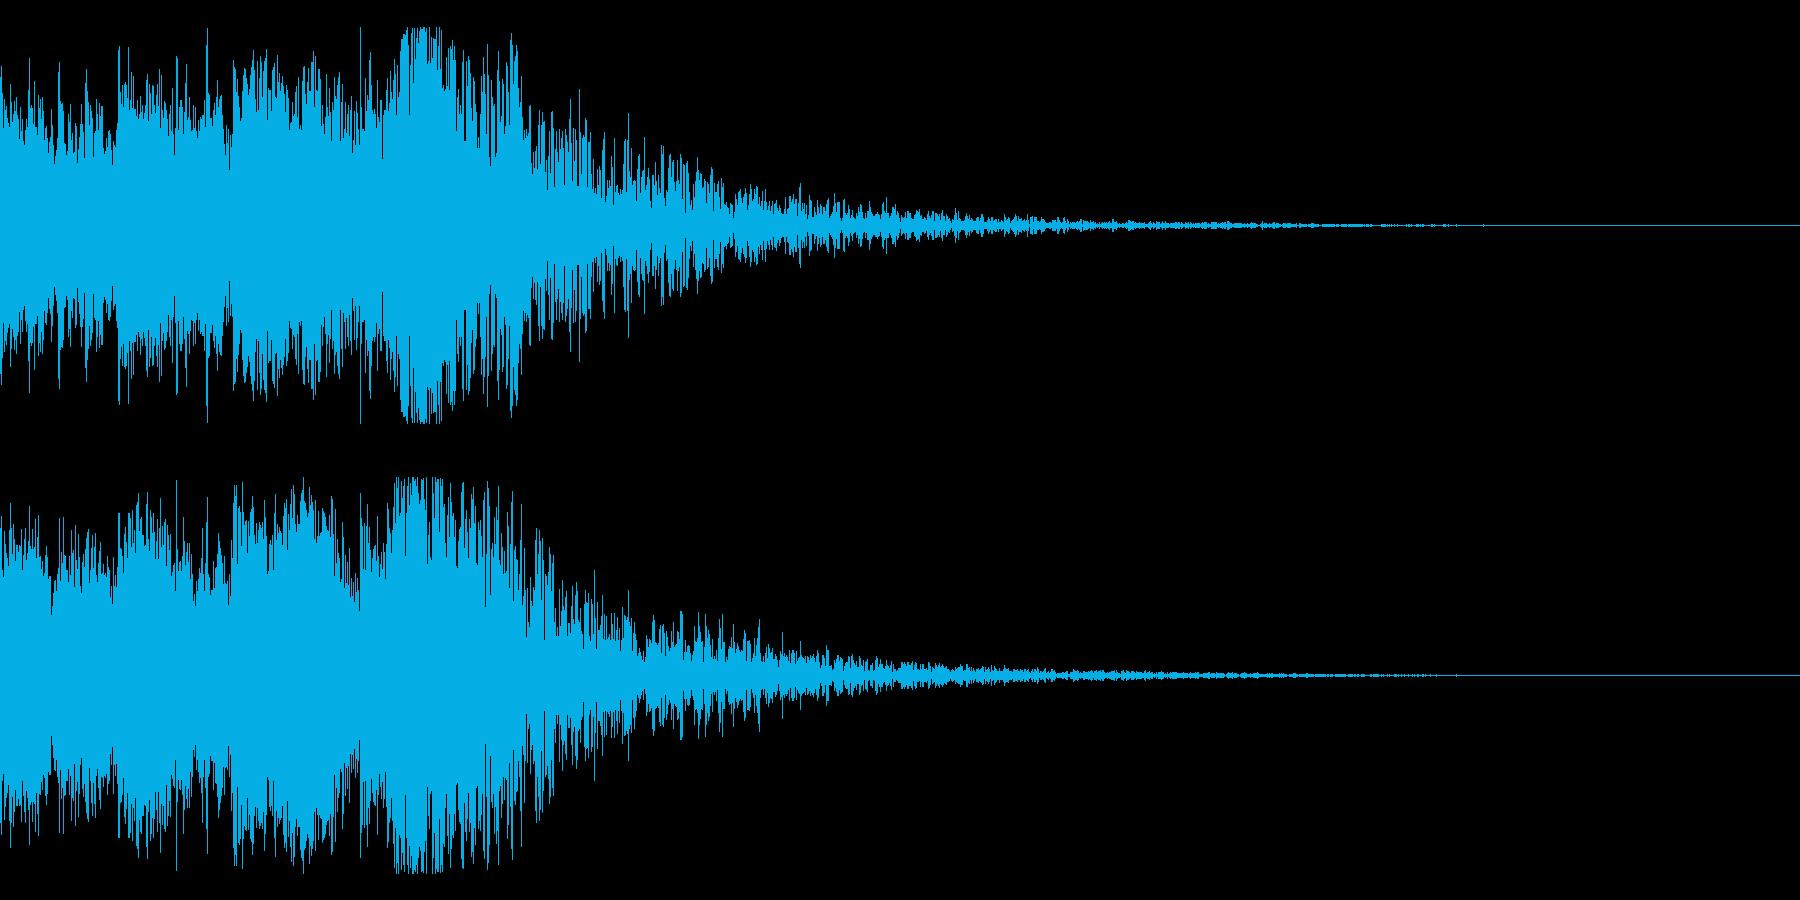 和風 オーケストラヒット ジングル!06の再生済みの波形